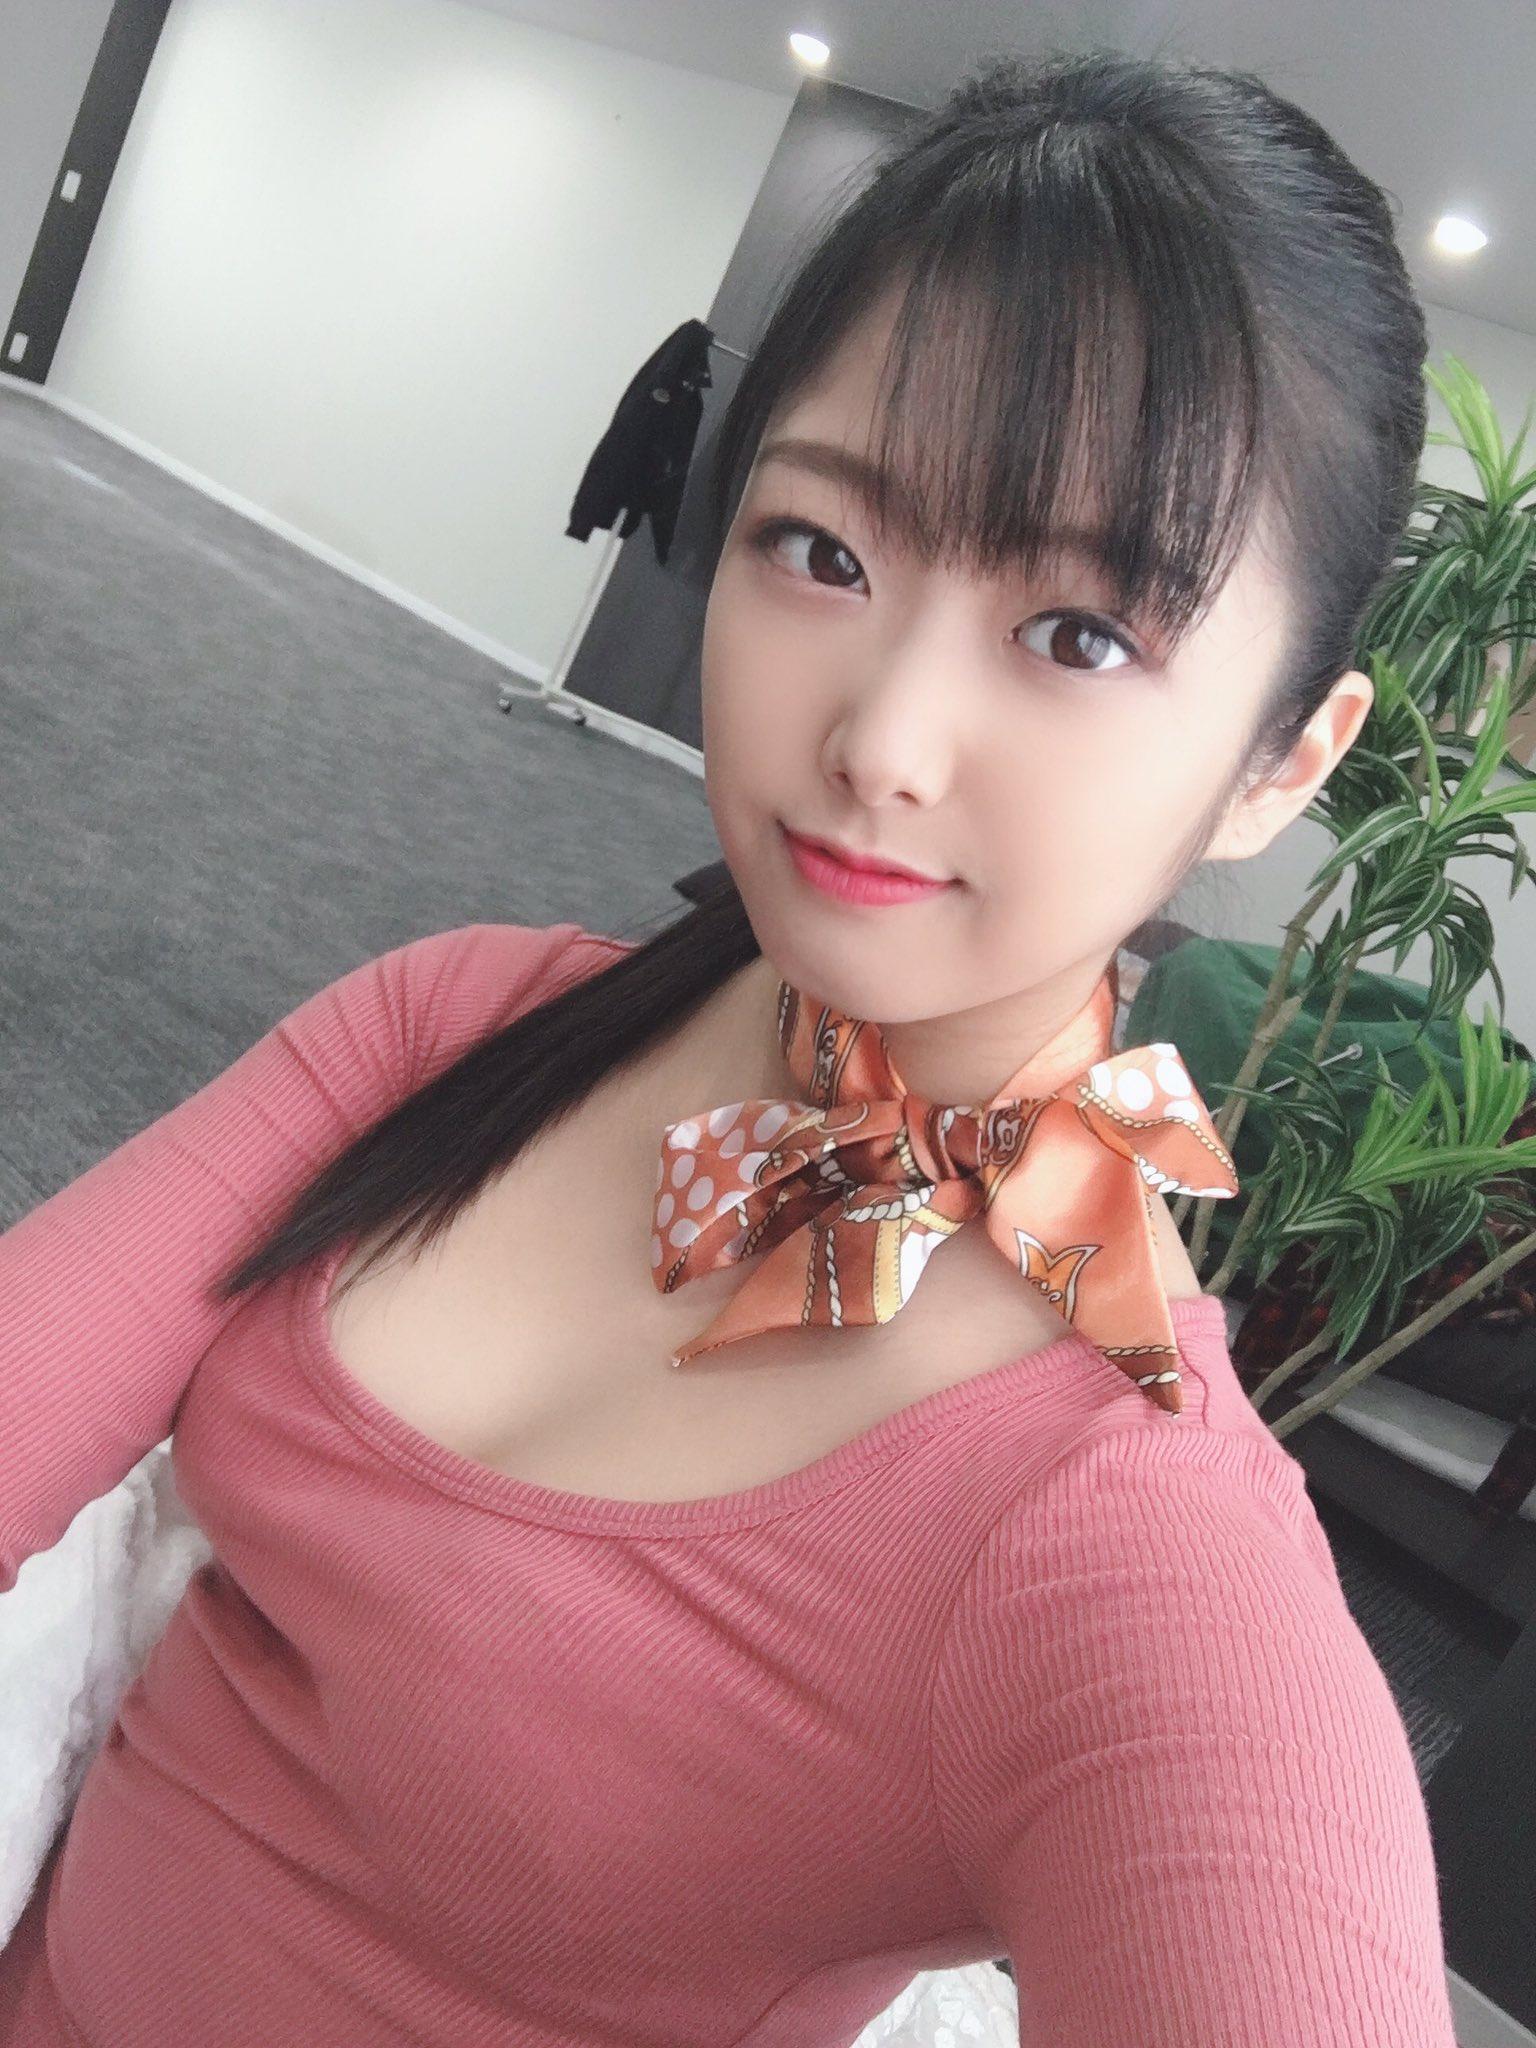 【前乃菜々エロ画像】清純系だがバック大好きな美少女・前乃菜々!